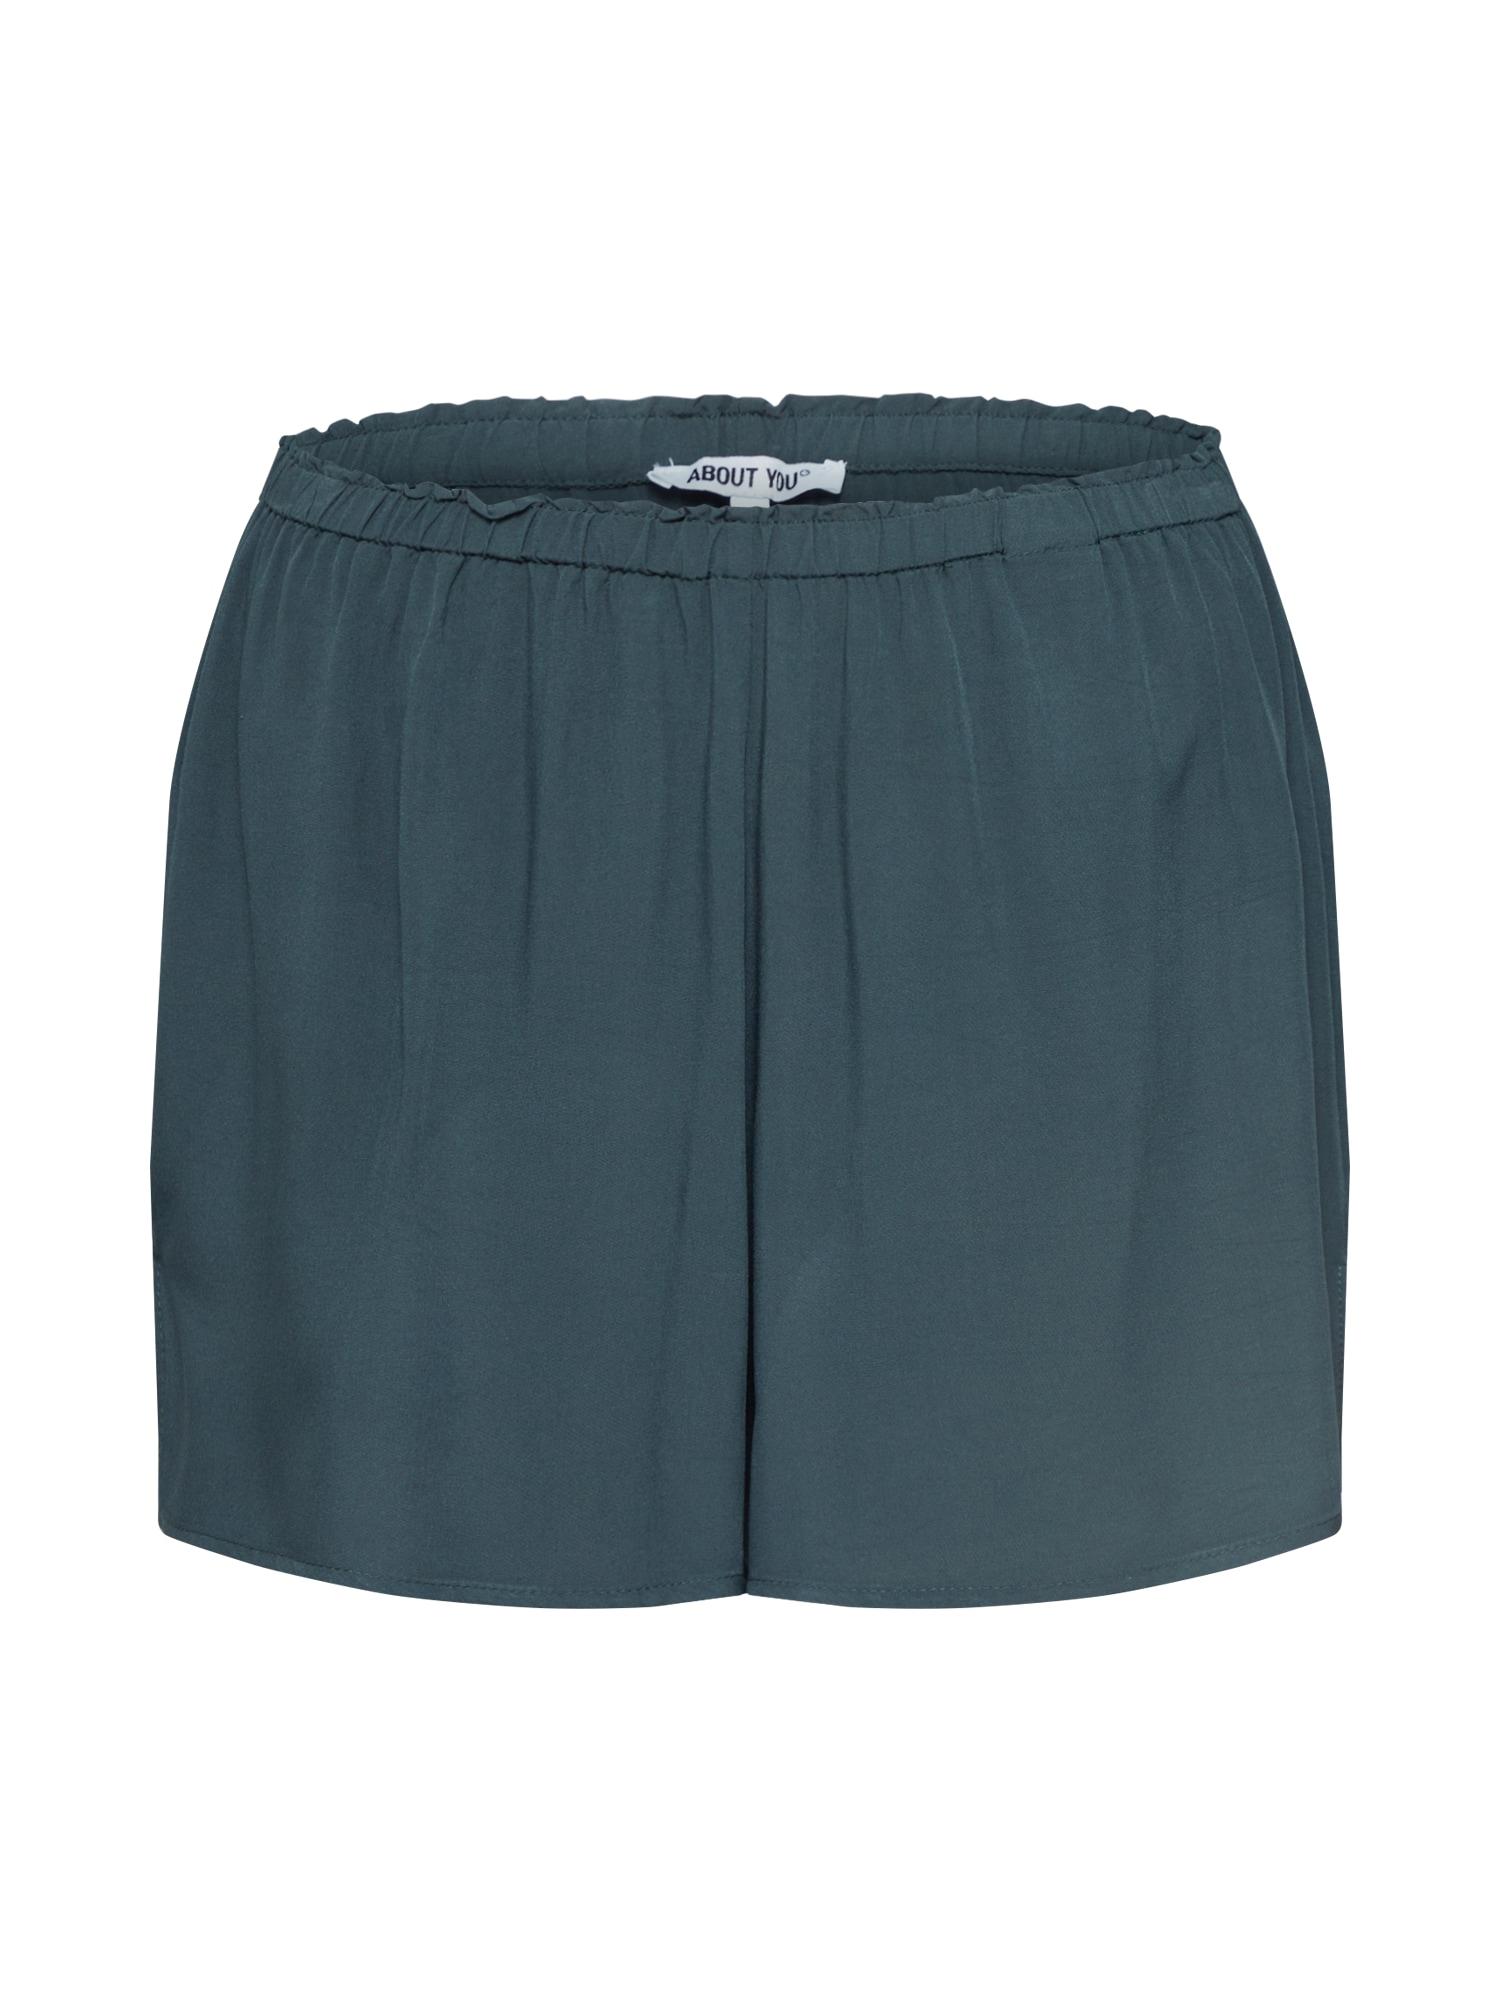 ABOUT YOU Pižaminės kelnės 'Viviana' rusvai žalia